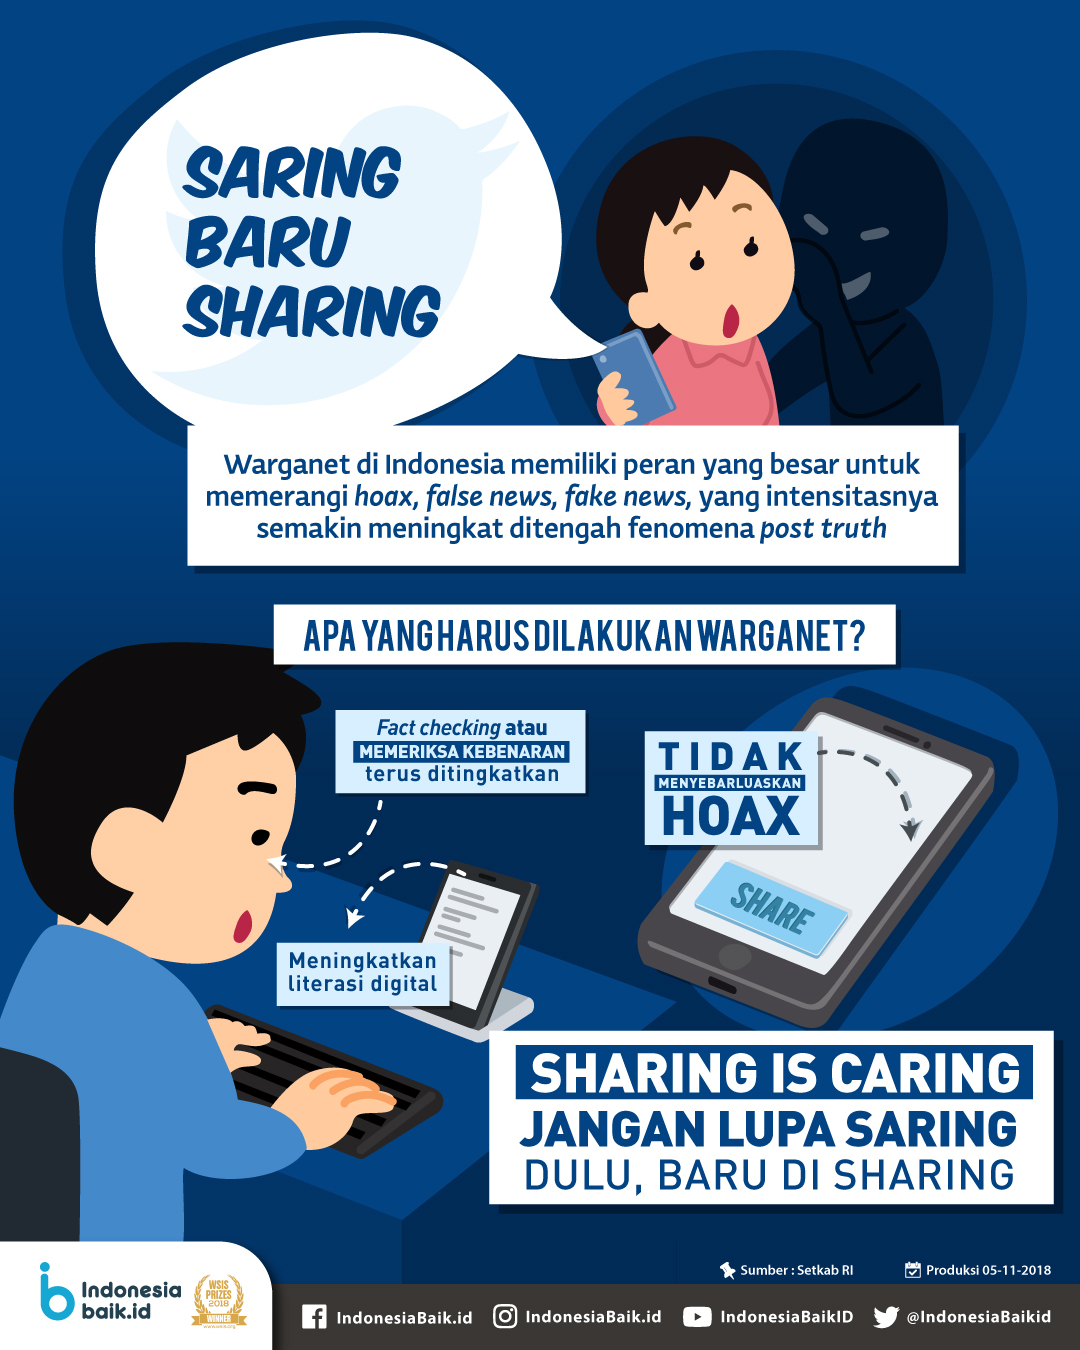 Saring baru Sharing